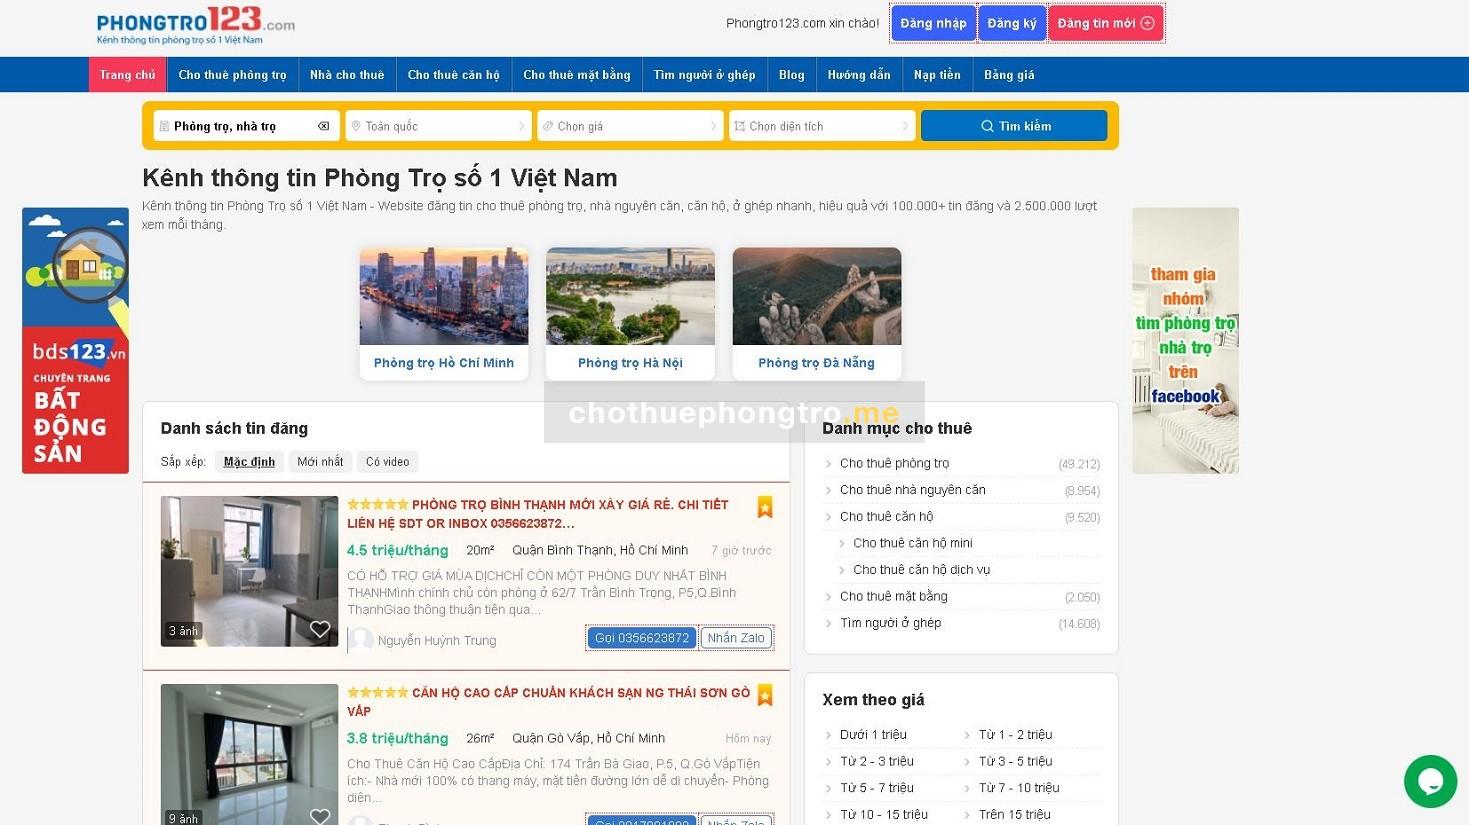 Phongtro123.com - Kênh thông tin phòng trọ số 1 Việt Nam